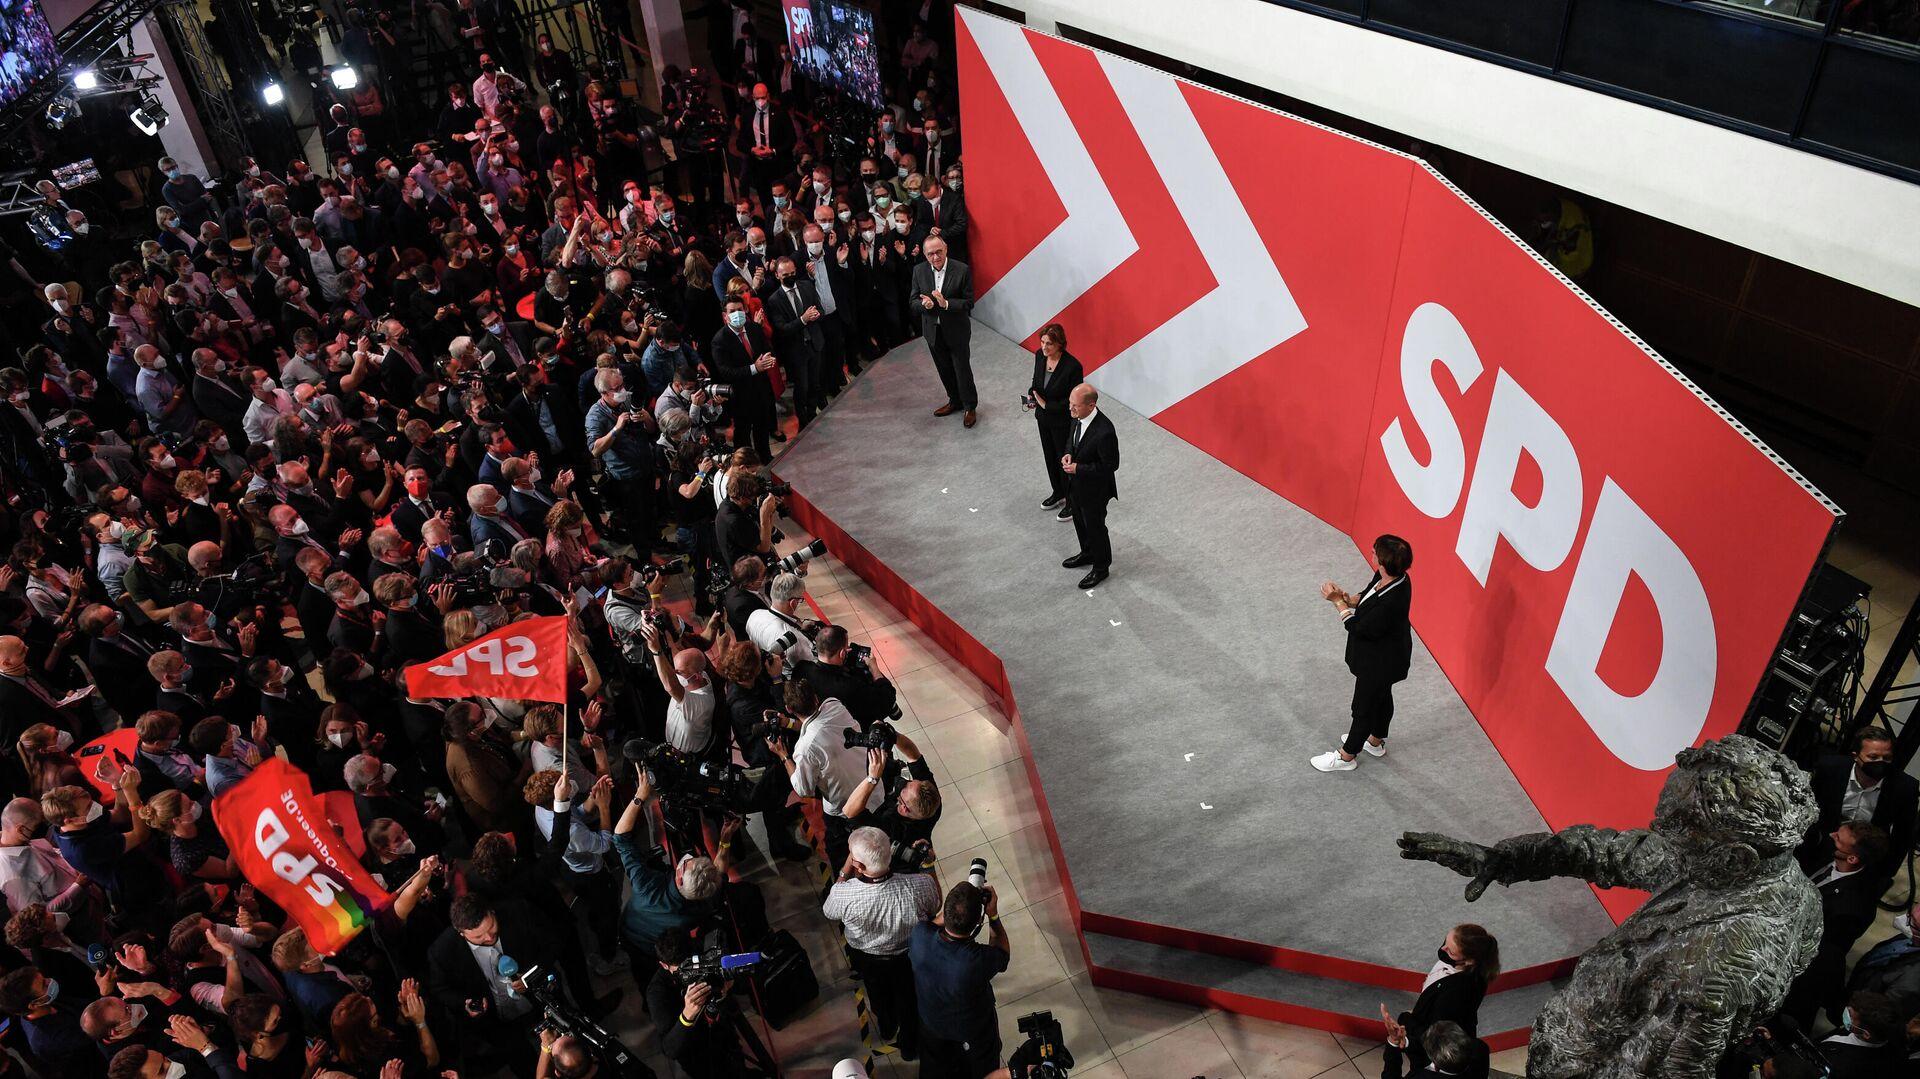 Лидер Социал-демократической партии (СДПГ) Олаф Шольц со сторонниками после объявления результатов экзит-поллов на выборах в Берлине, Германия - РИА Новости, 1920, 27.09.2021